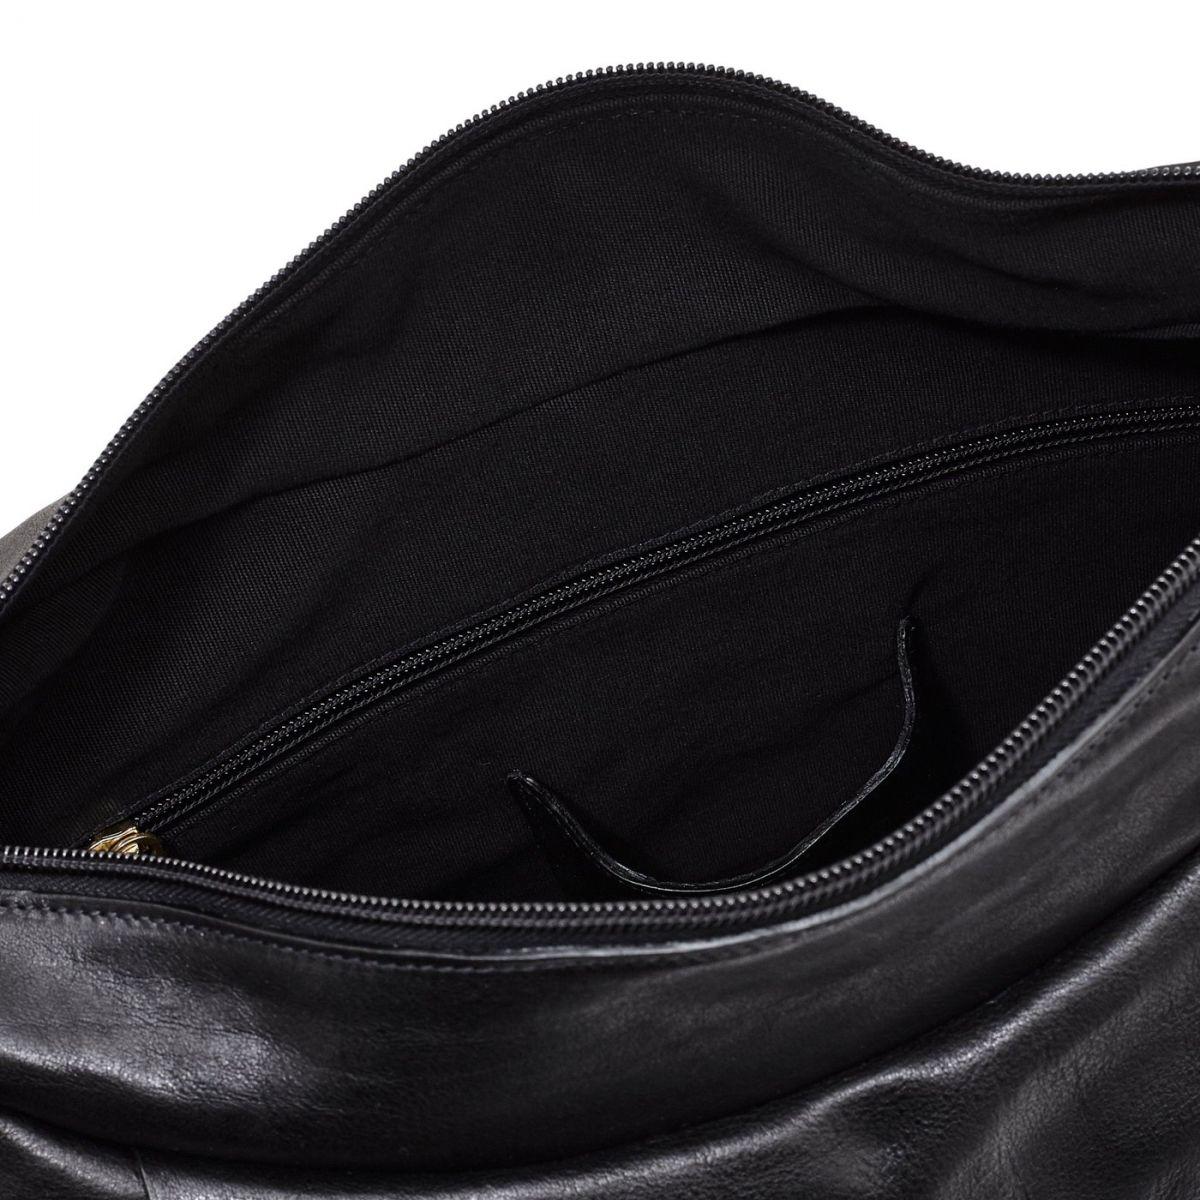 Women's Shoulder Bag in Vintage Cowhide Leather BSH021 color Black | Details